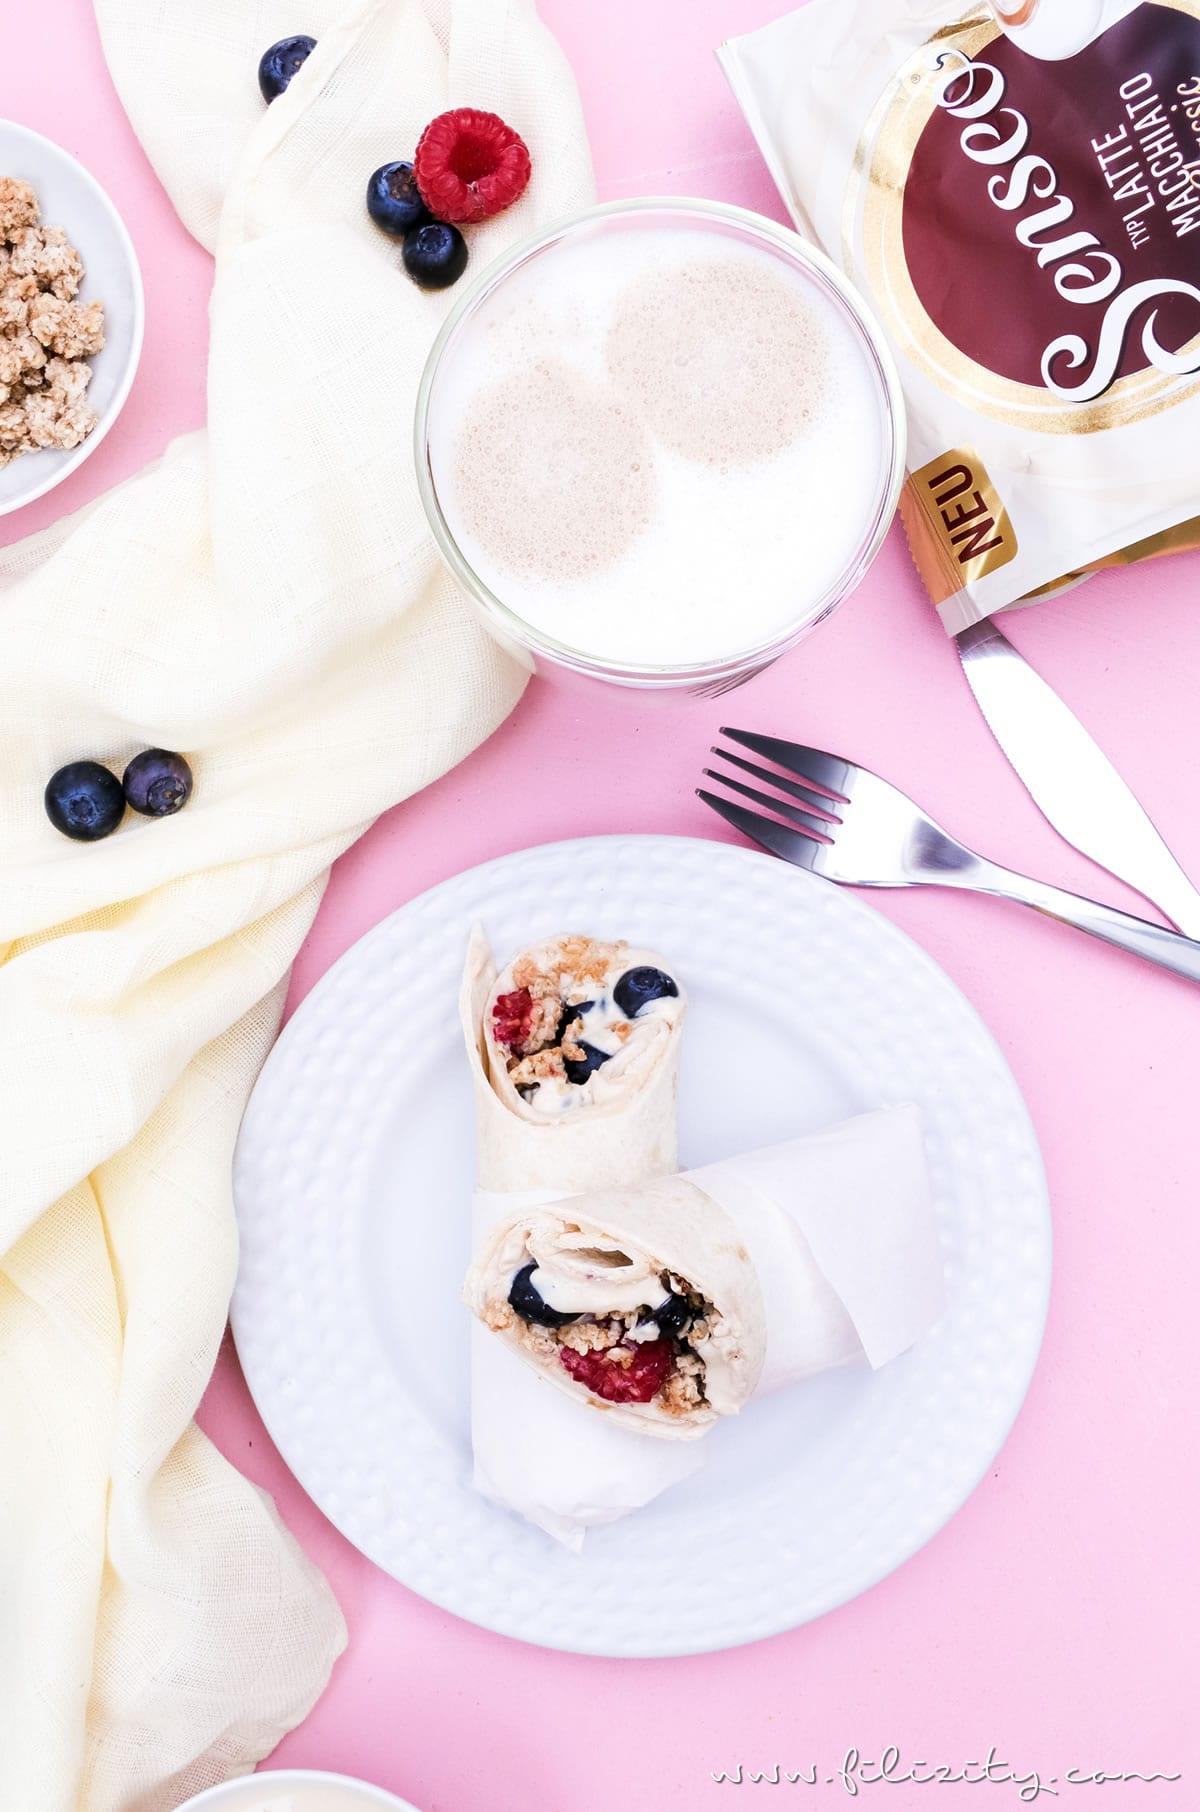 Rezept für Frühstücks-Wraps mit Kaffee-Quark und Beeren - Genussmomente mit SENSEO® + GEWINNSPIEL | Filizity.com | Food-Blog aus dem Rheinland #perfektinjederlage #senseo #lattemacchiato